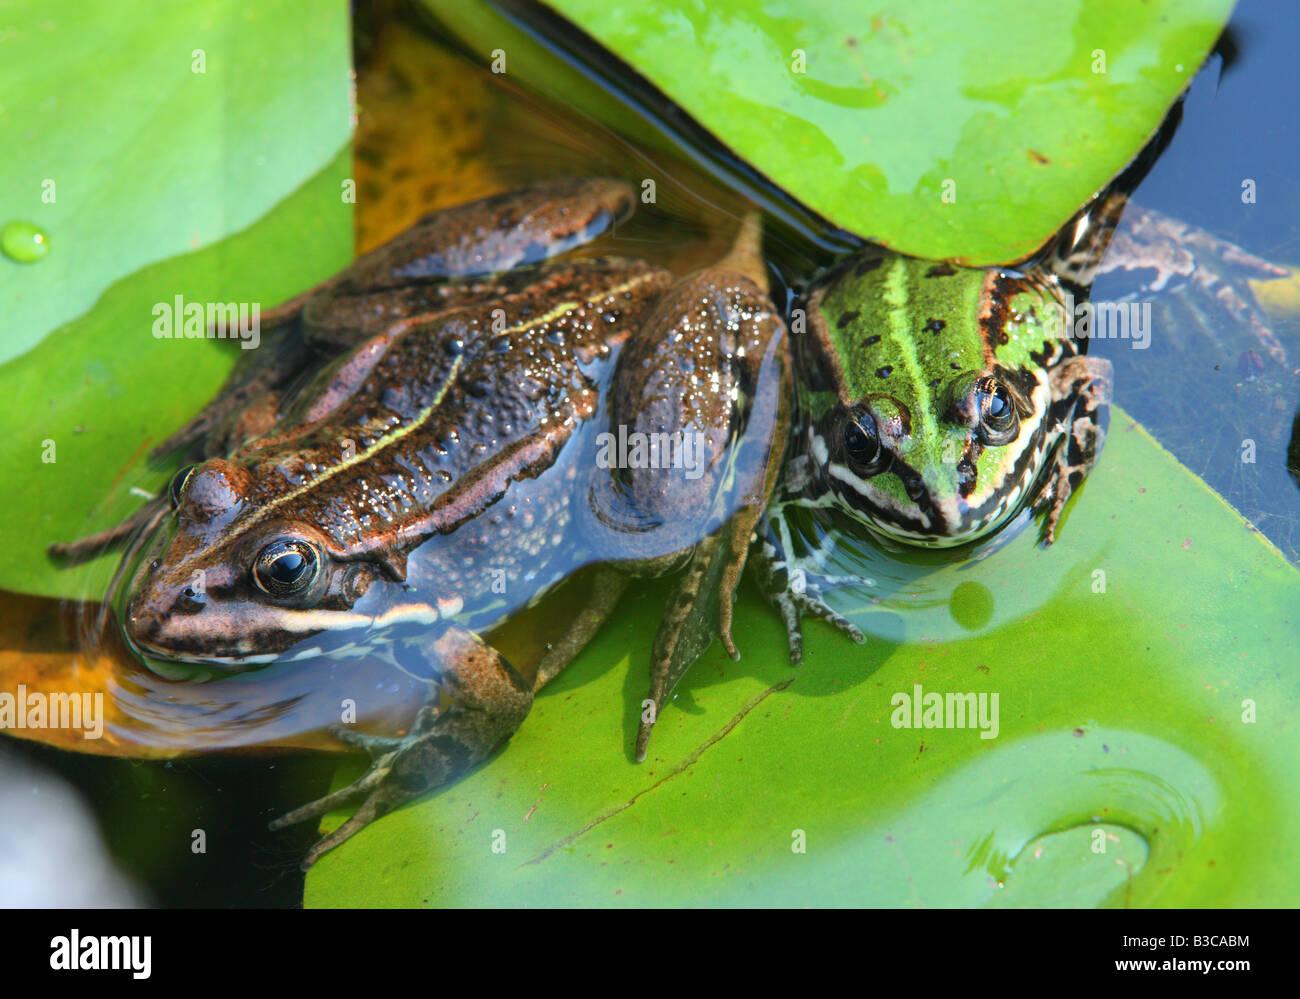 Green edible frogs Rana esculenta - Stock Image